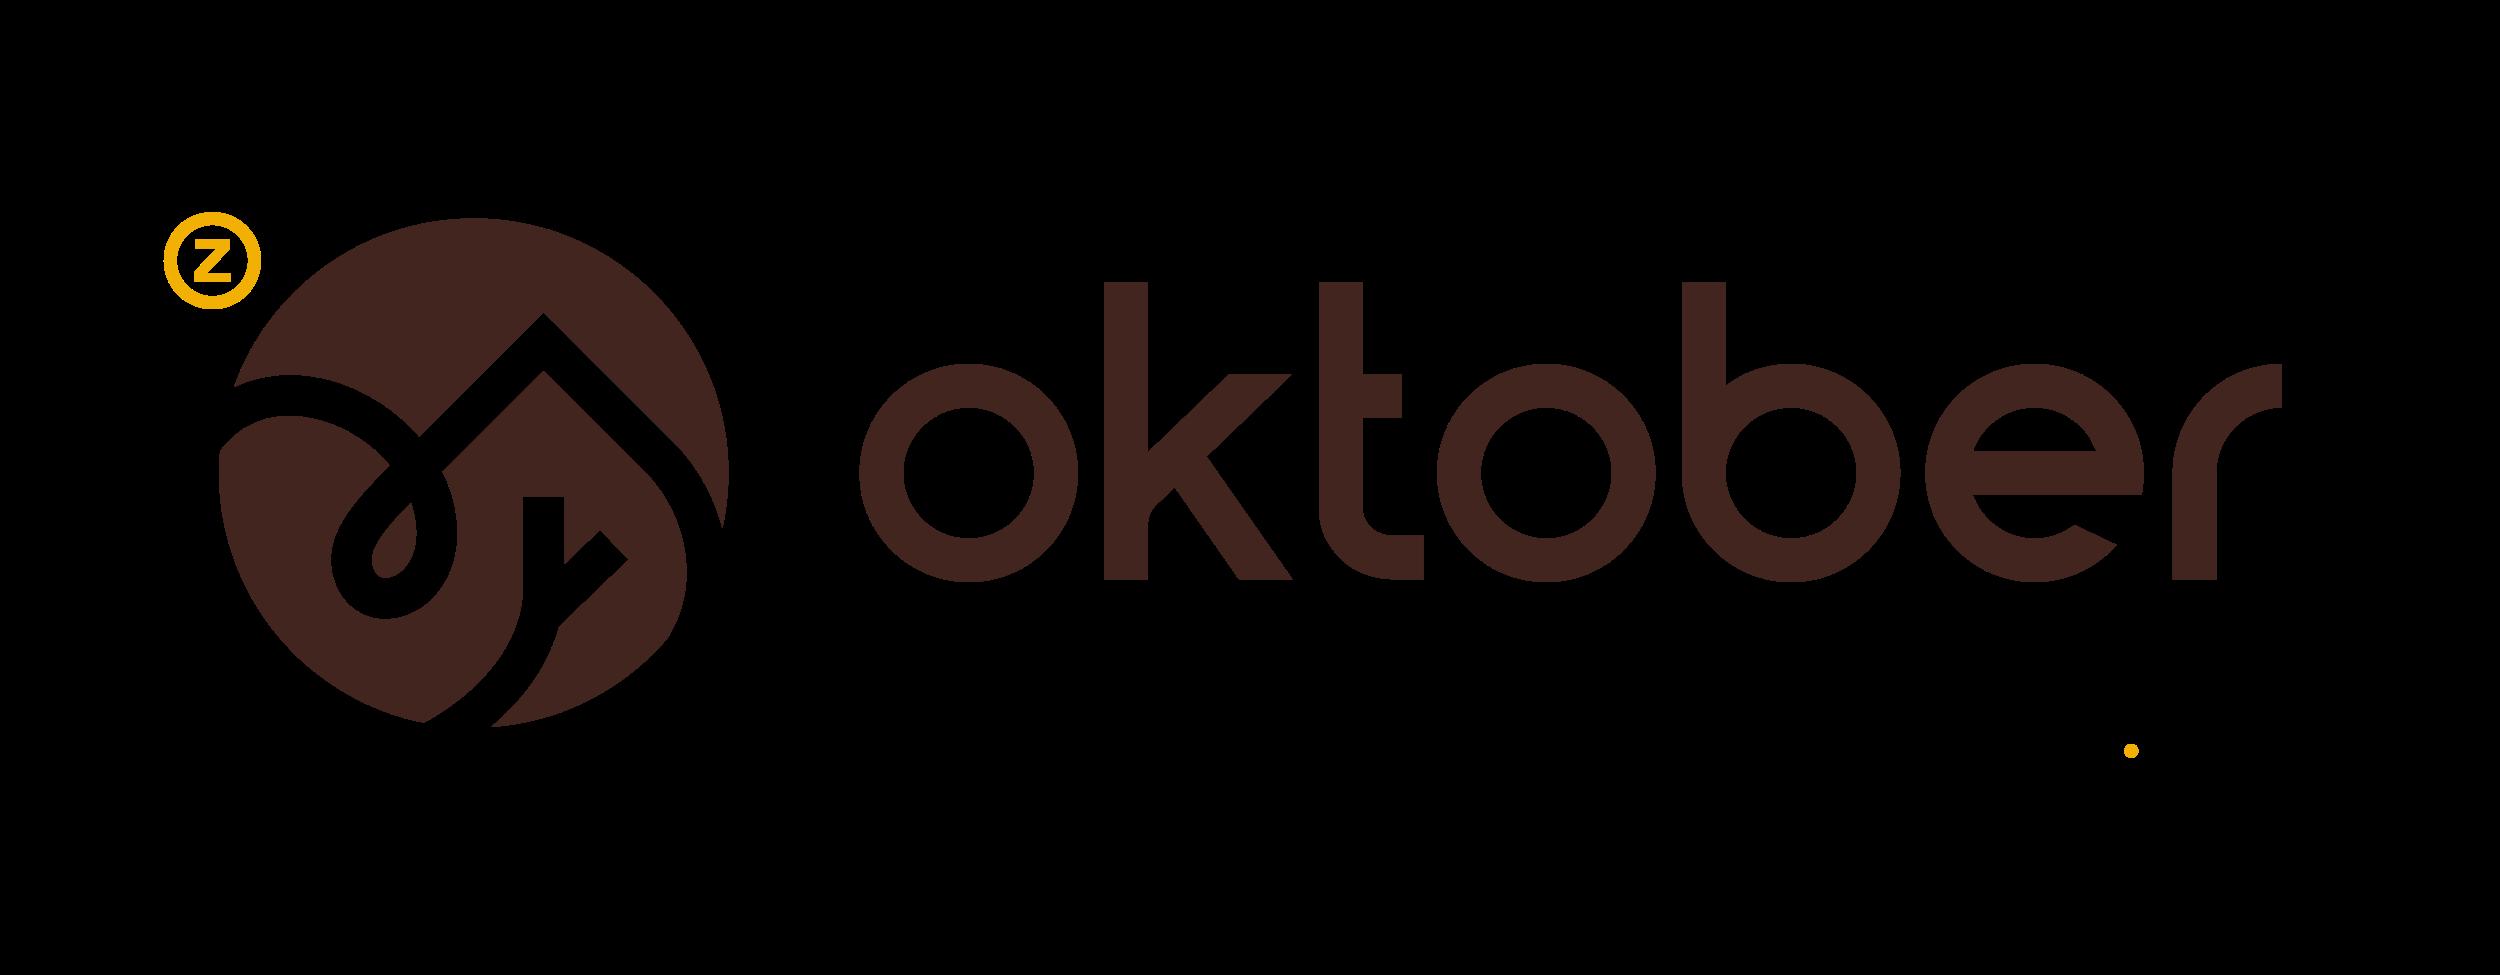 logo Zorg in Oktober web